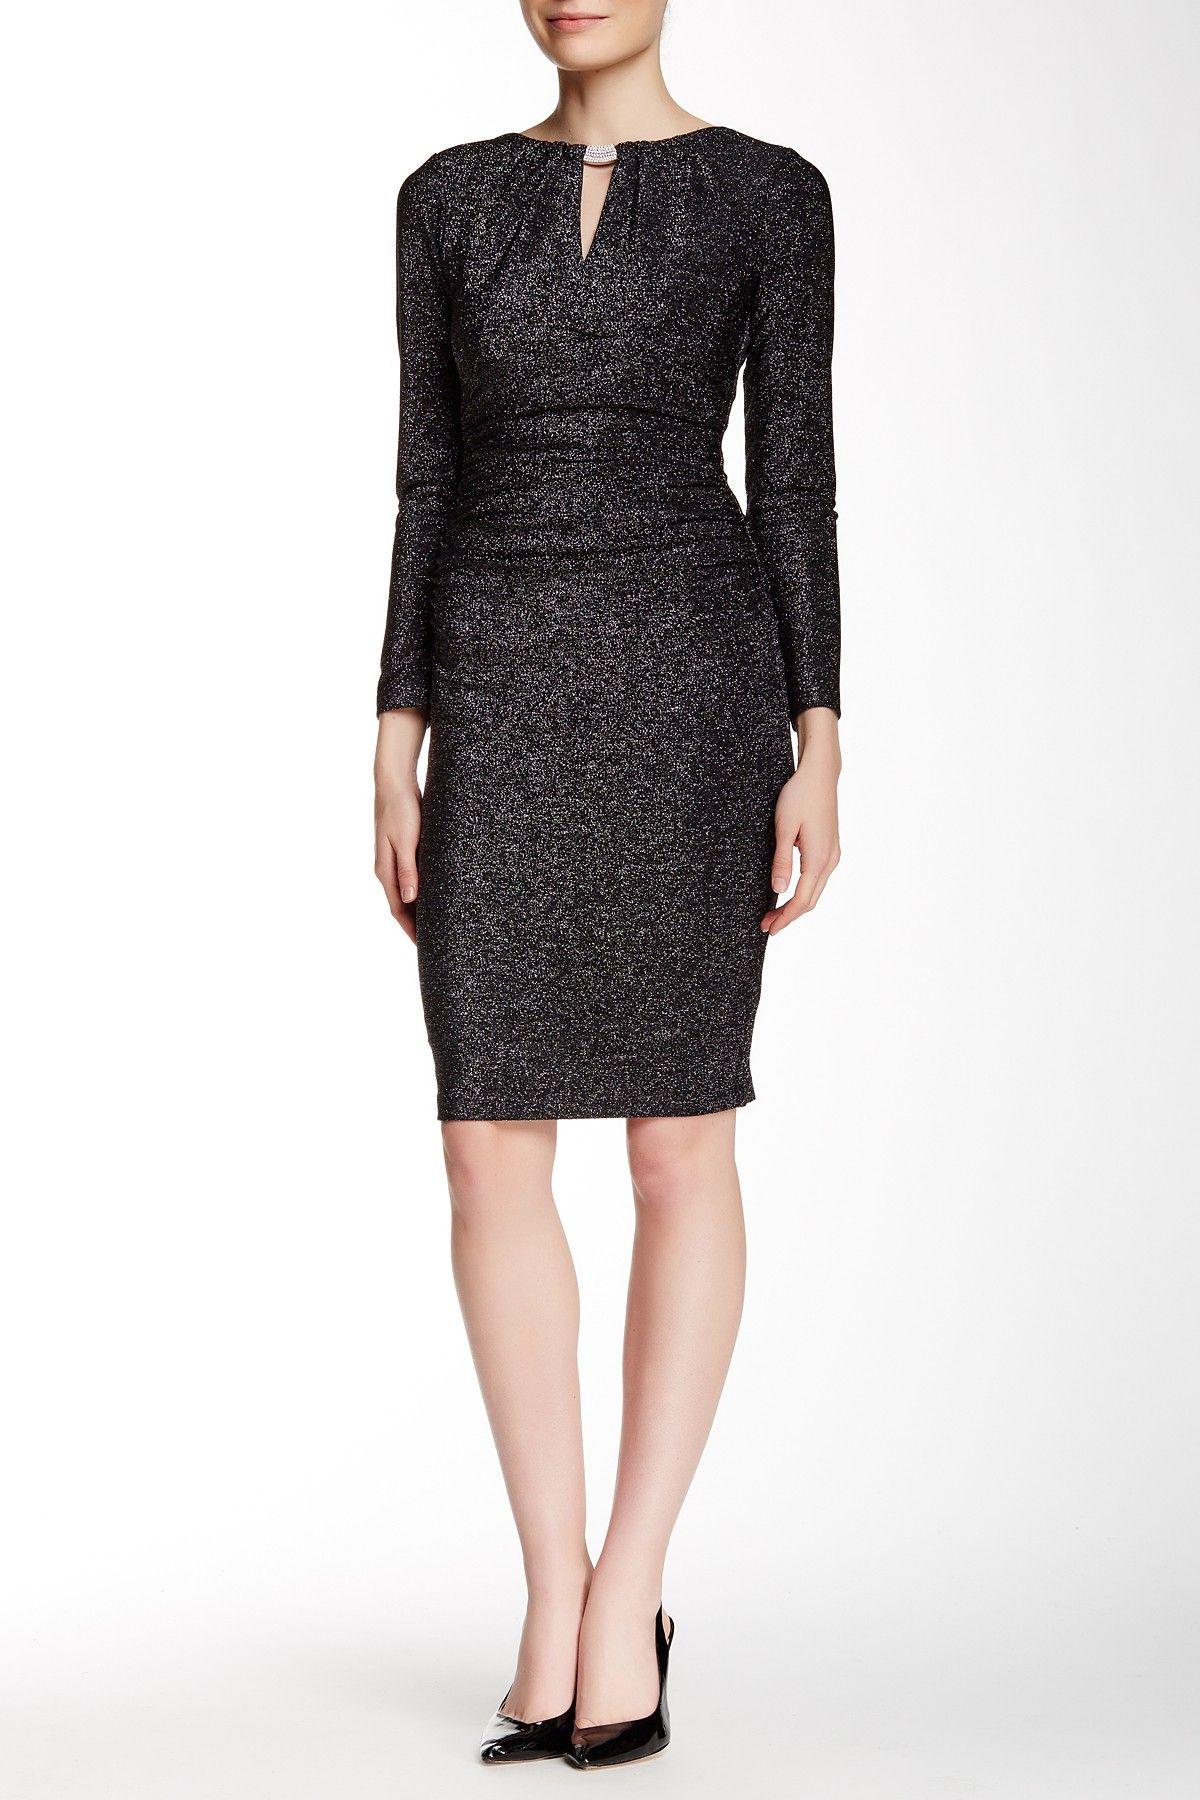 82ff38cd6c17 Marina | Embellished Shirred Dress | Nordstrom Rack Sponsored by Nordstrom  Rack.